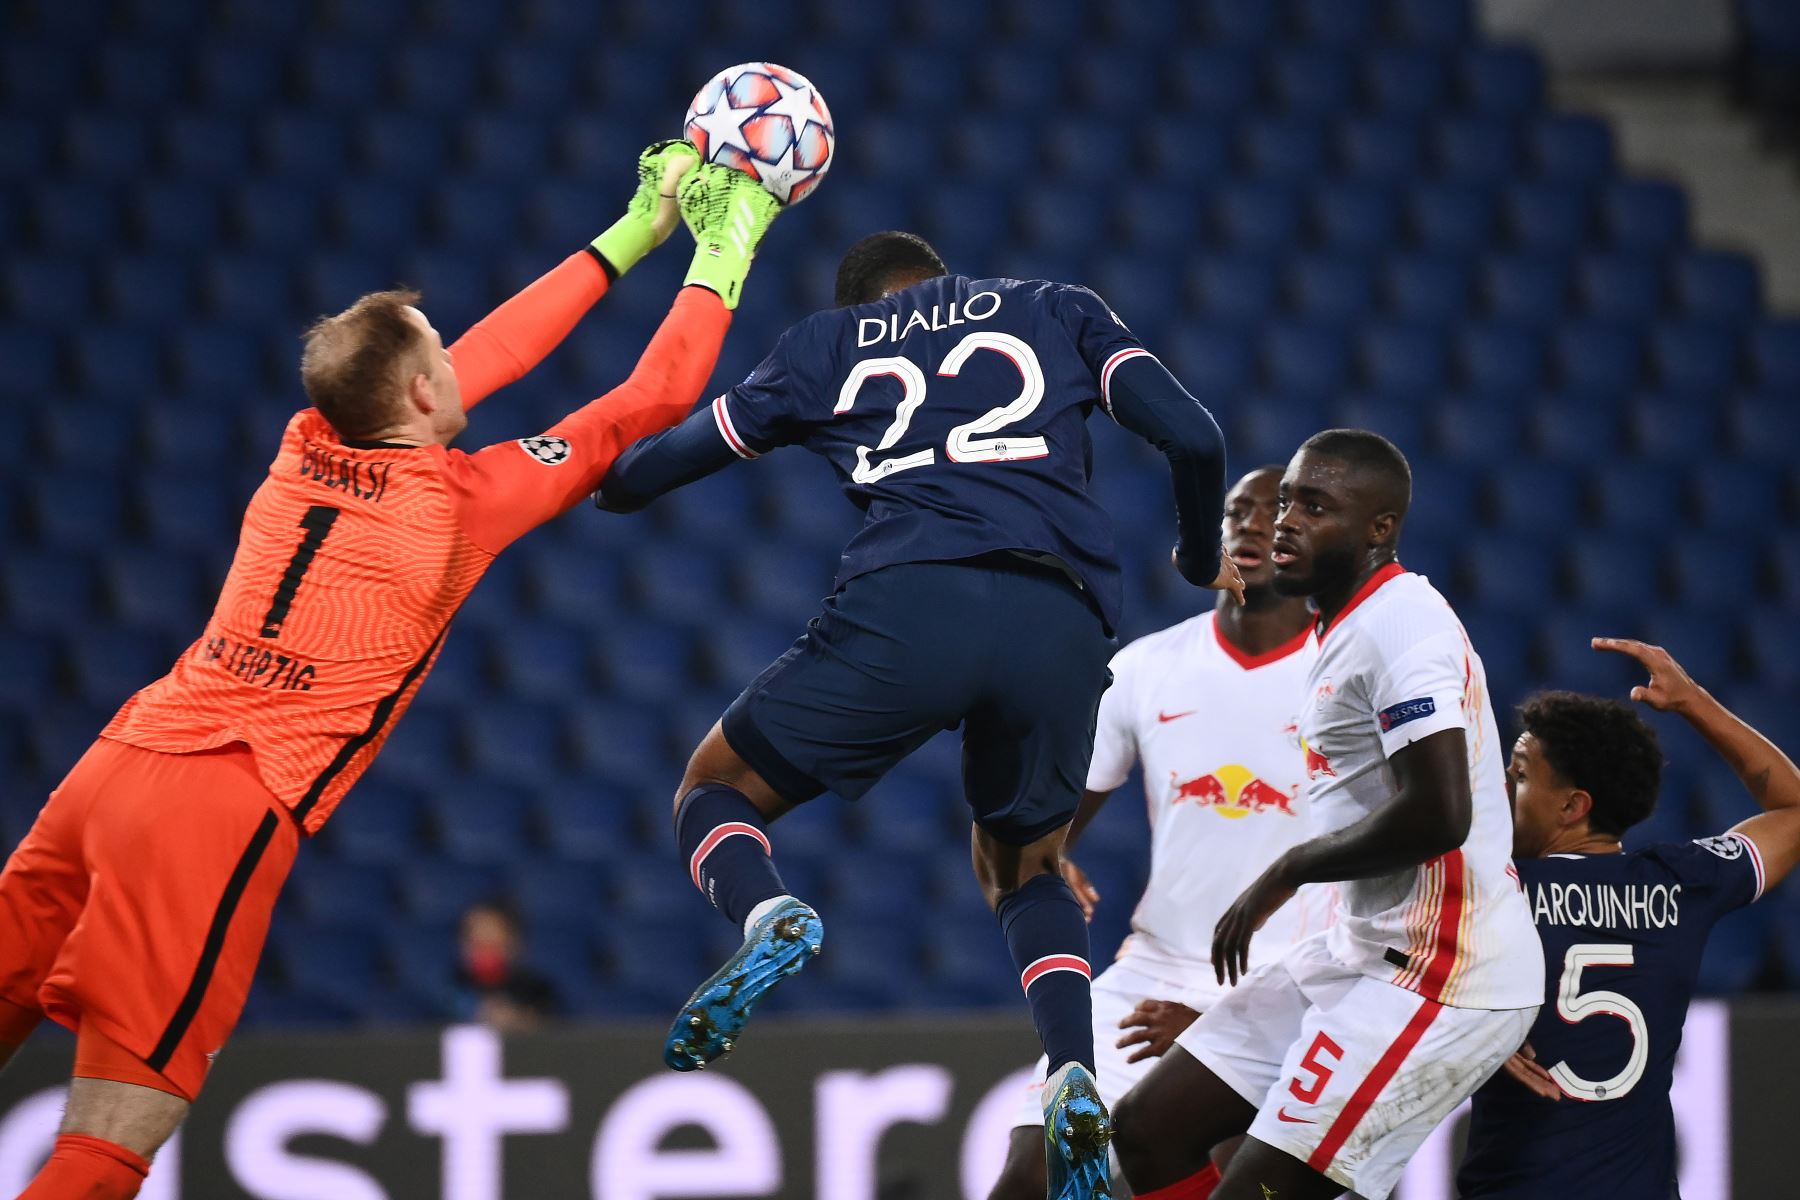 El portero húngaro de Leipzig Peter Gulacsi y el defensor francés del Paris Saint-Germain Abdou Diallo saltan por el balón durante el Grupo H de la Liga de Campeones de la UEFA. Foto: AFP